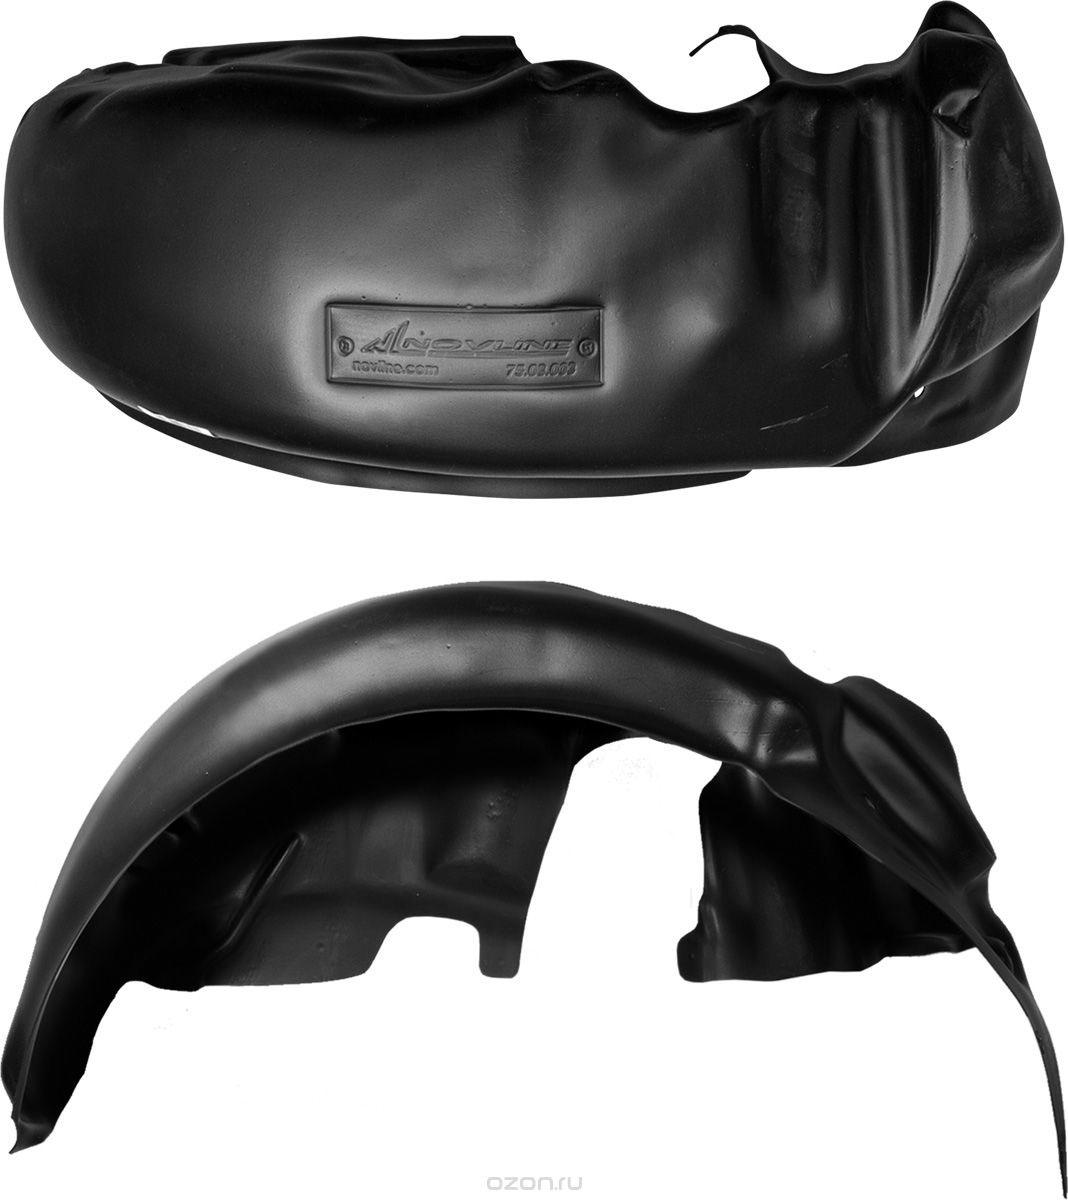 Подкрылок Novline-Autofamily, для ГАЗ Газель Next, 2013->, передний левыйSS 4041Идеальная защита колесной ниши. Локеры разработаны с применением цифровых технологий, гарантируют максимальную повторяемость поверхности арки. Изделия устанавливаются без нарушения лакокрасочного покрытия автомобиля, каждый подкрылок комплектуется крепежом. Уважаемые клиенты, обращаем ваше внимание, что фотографии на подкрылки универсальные и не отражают реальную форму изделия. При этом само изделие идет точно под размер указанного автомобиля.